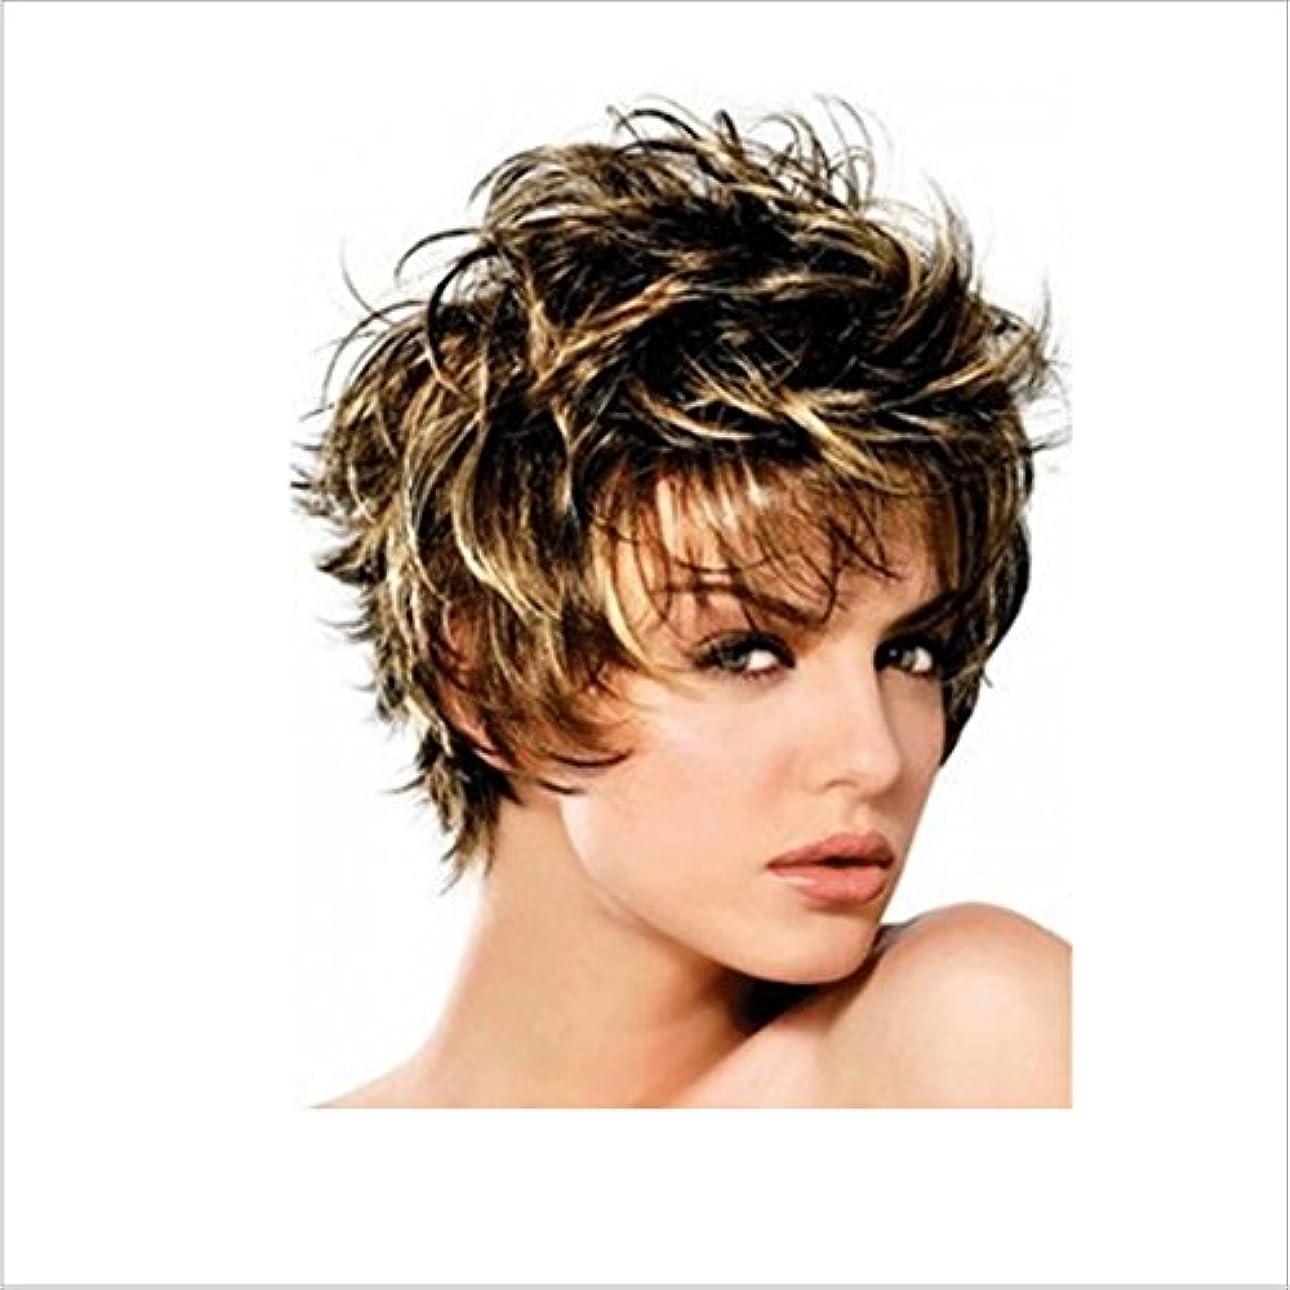 かもめ報酬契約するかつら ボボかつら女性用耐熱ウィッグ12インチ/ 9インチ短いテクスチャ部分的なかつら部分的なかつら前髪かつらファッションかつら (色 : Inter-color gold brown silver)